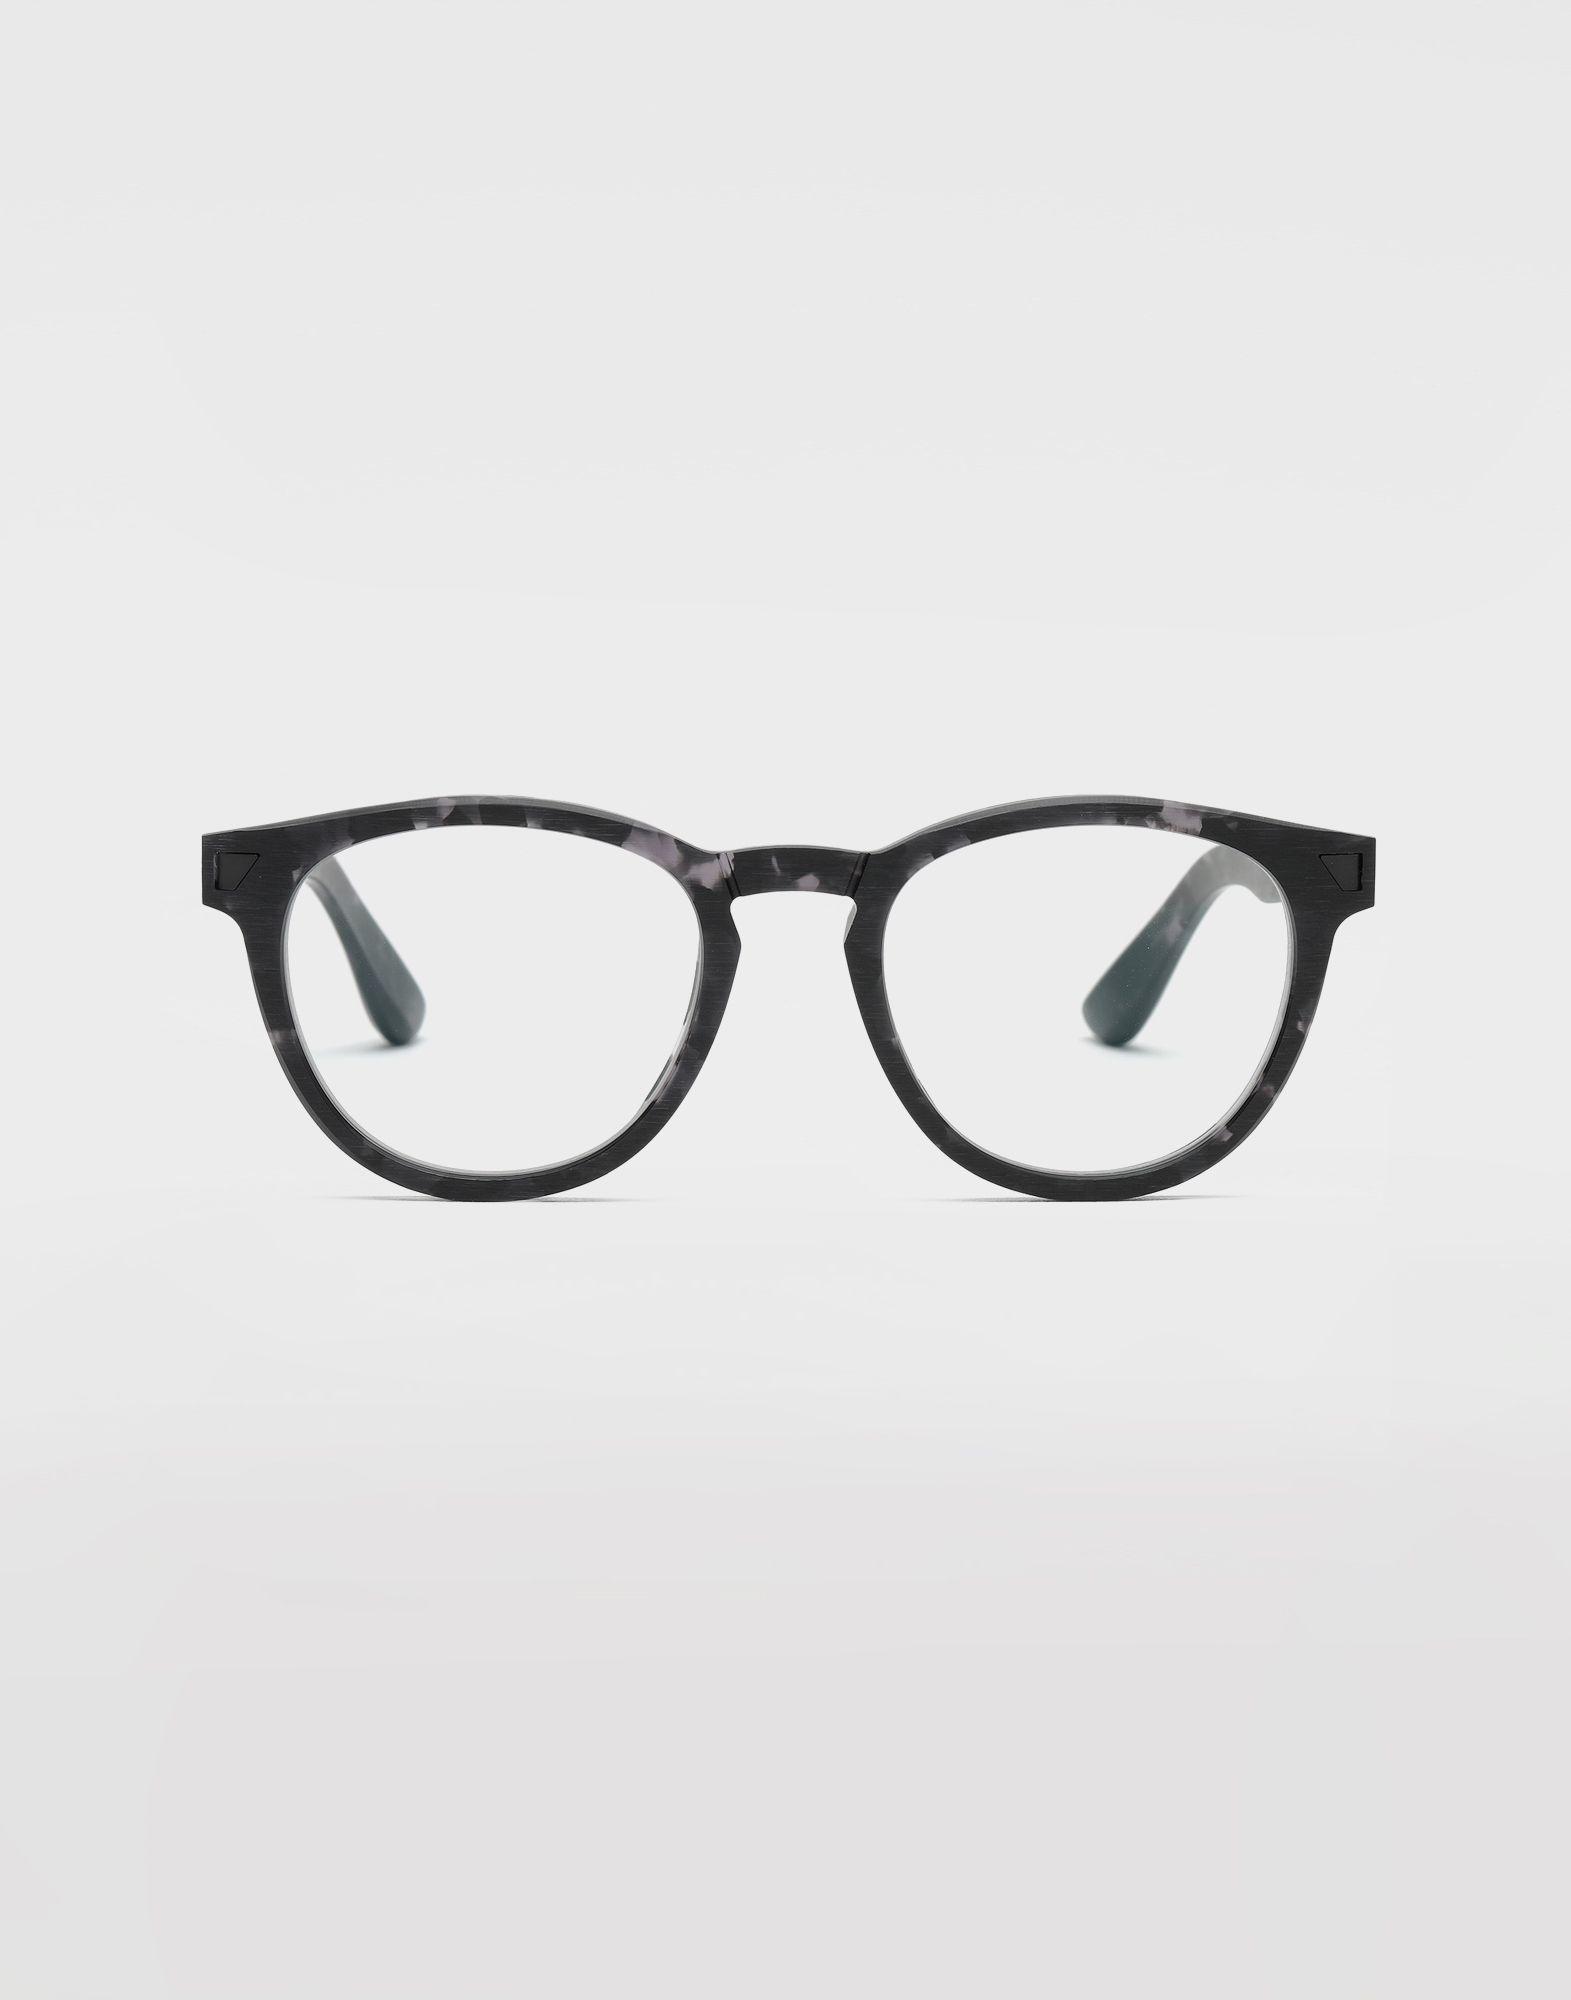 MAISON MARGIELA MYKITA + Maison Margiela 'RAW' Eyewear E f